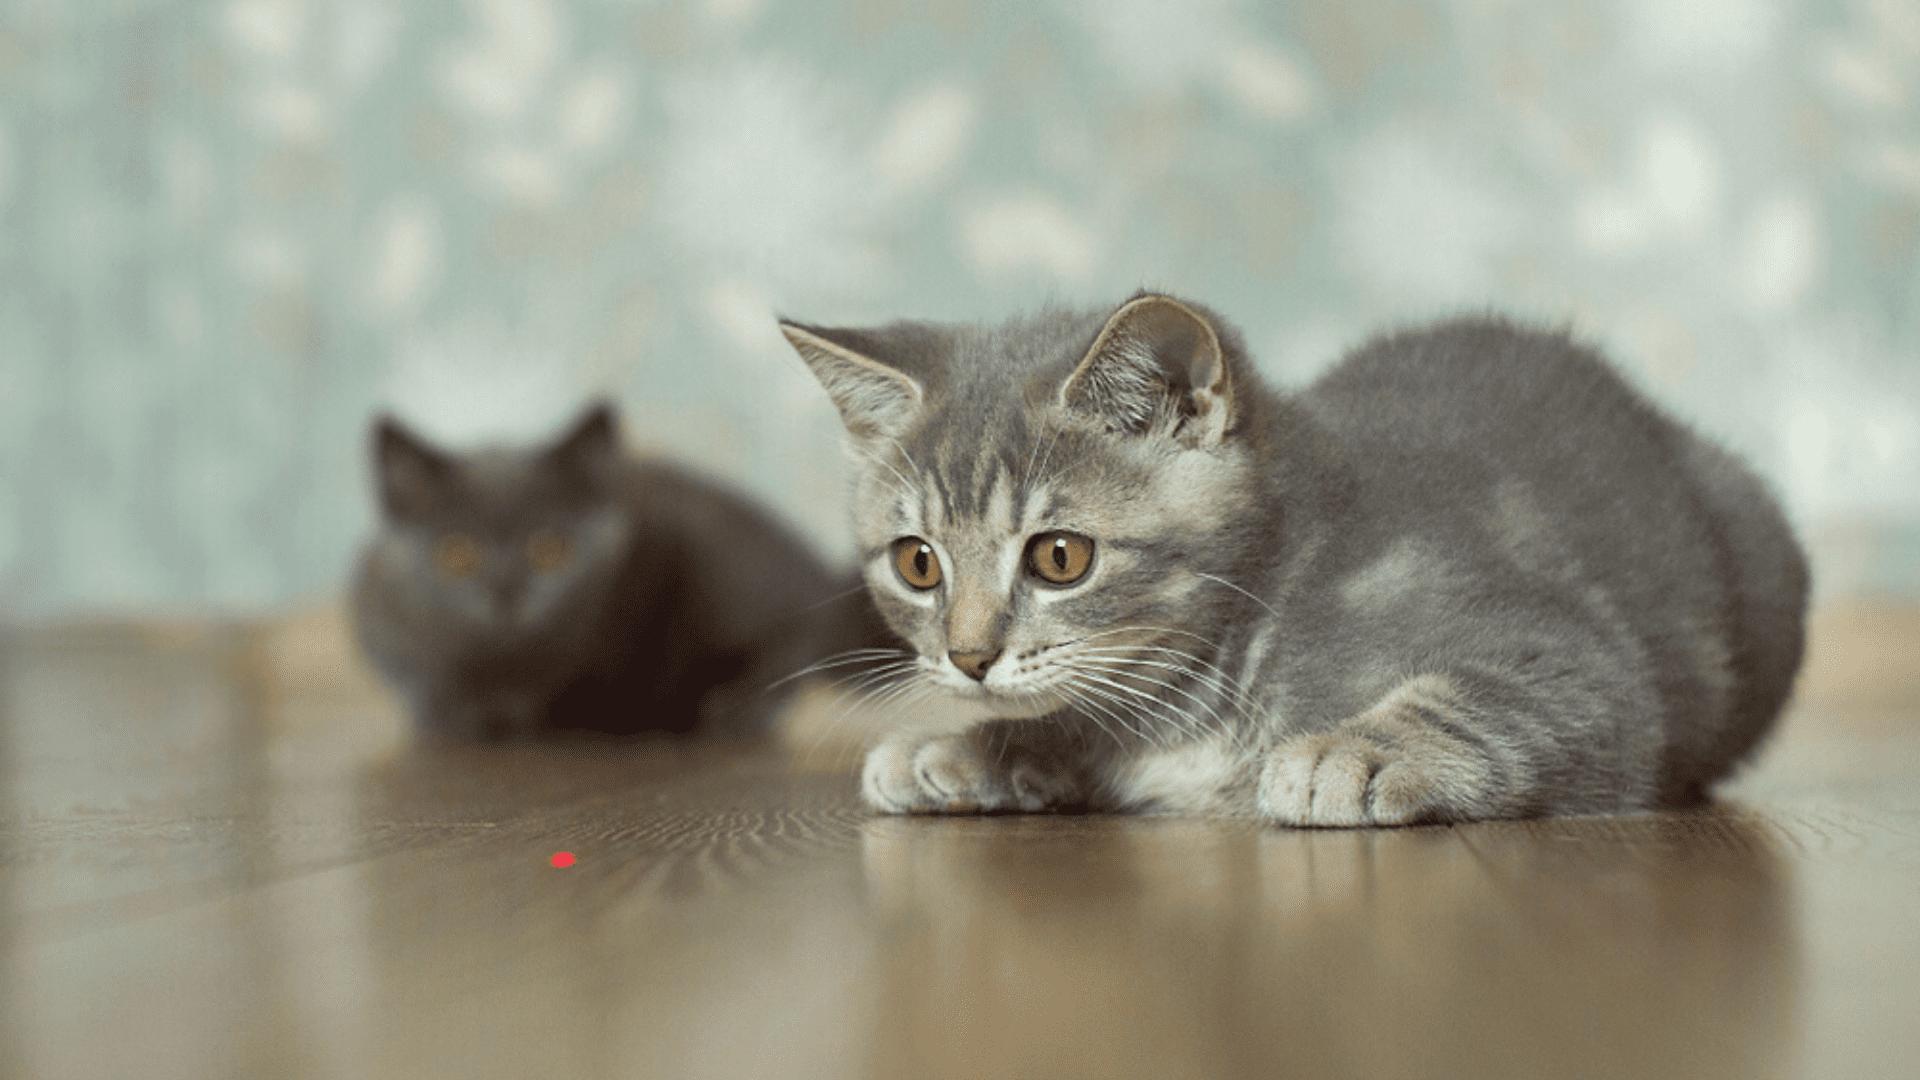 O laser precisa ser próprio para gato para não prejudicar a saúde do felino (Reprodução/Shutterstock)